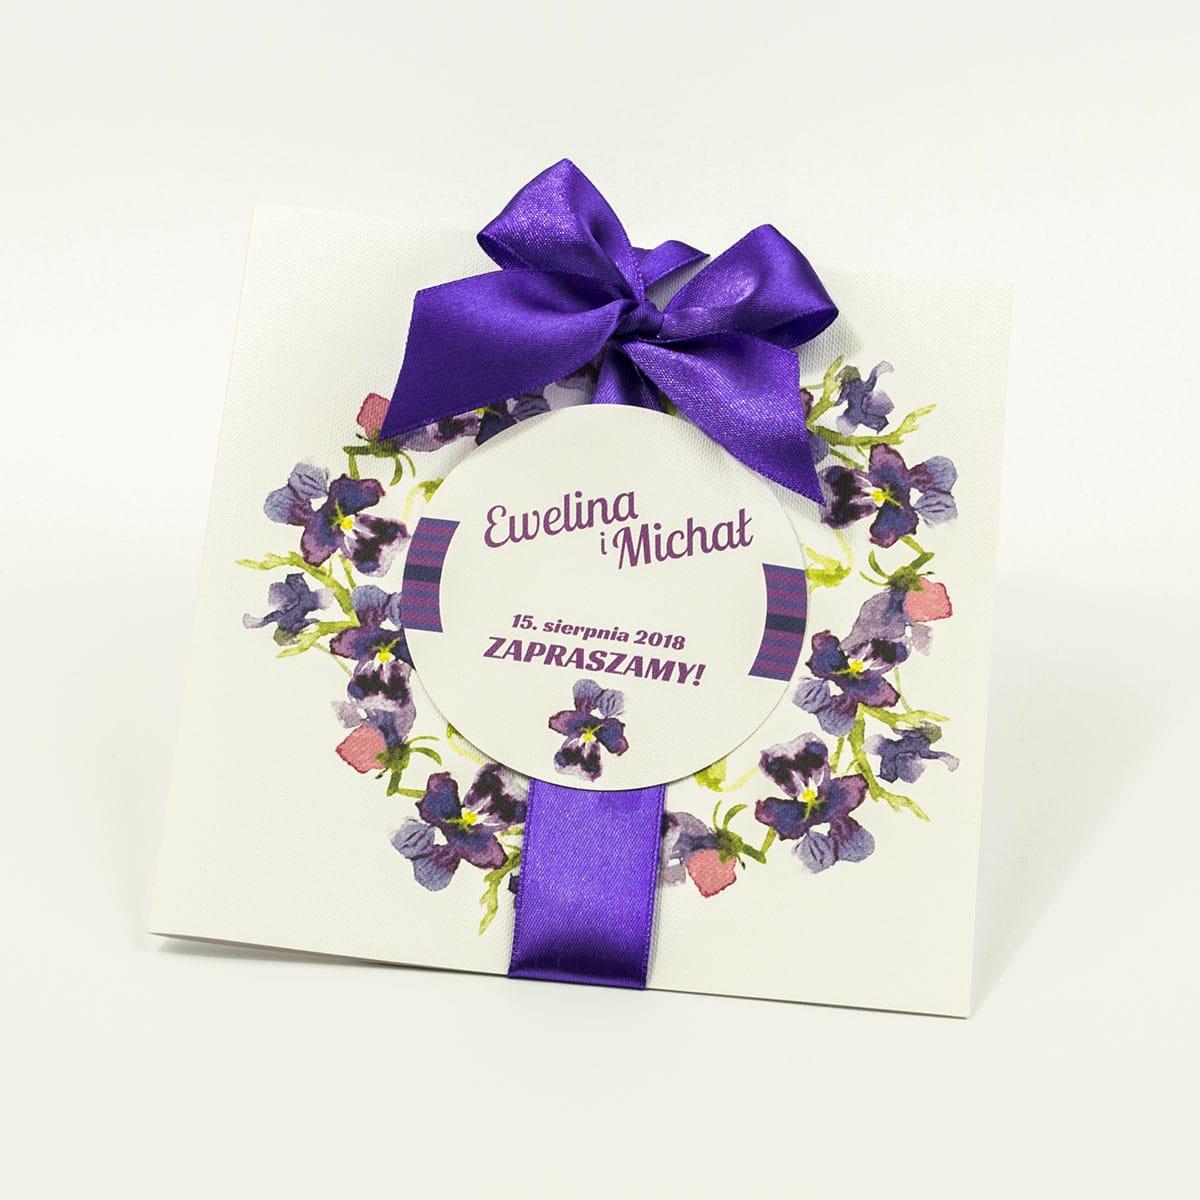 Zaproszenia kwiatowe - wiosenny wianek z kwiatami fiołków. ZAP-54-13